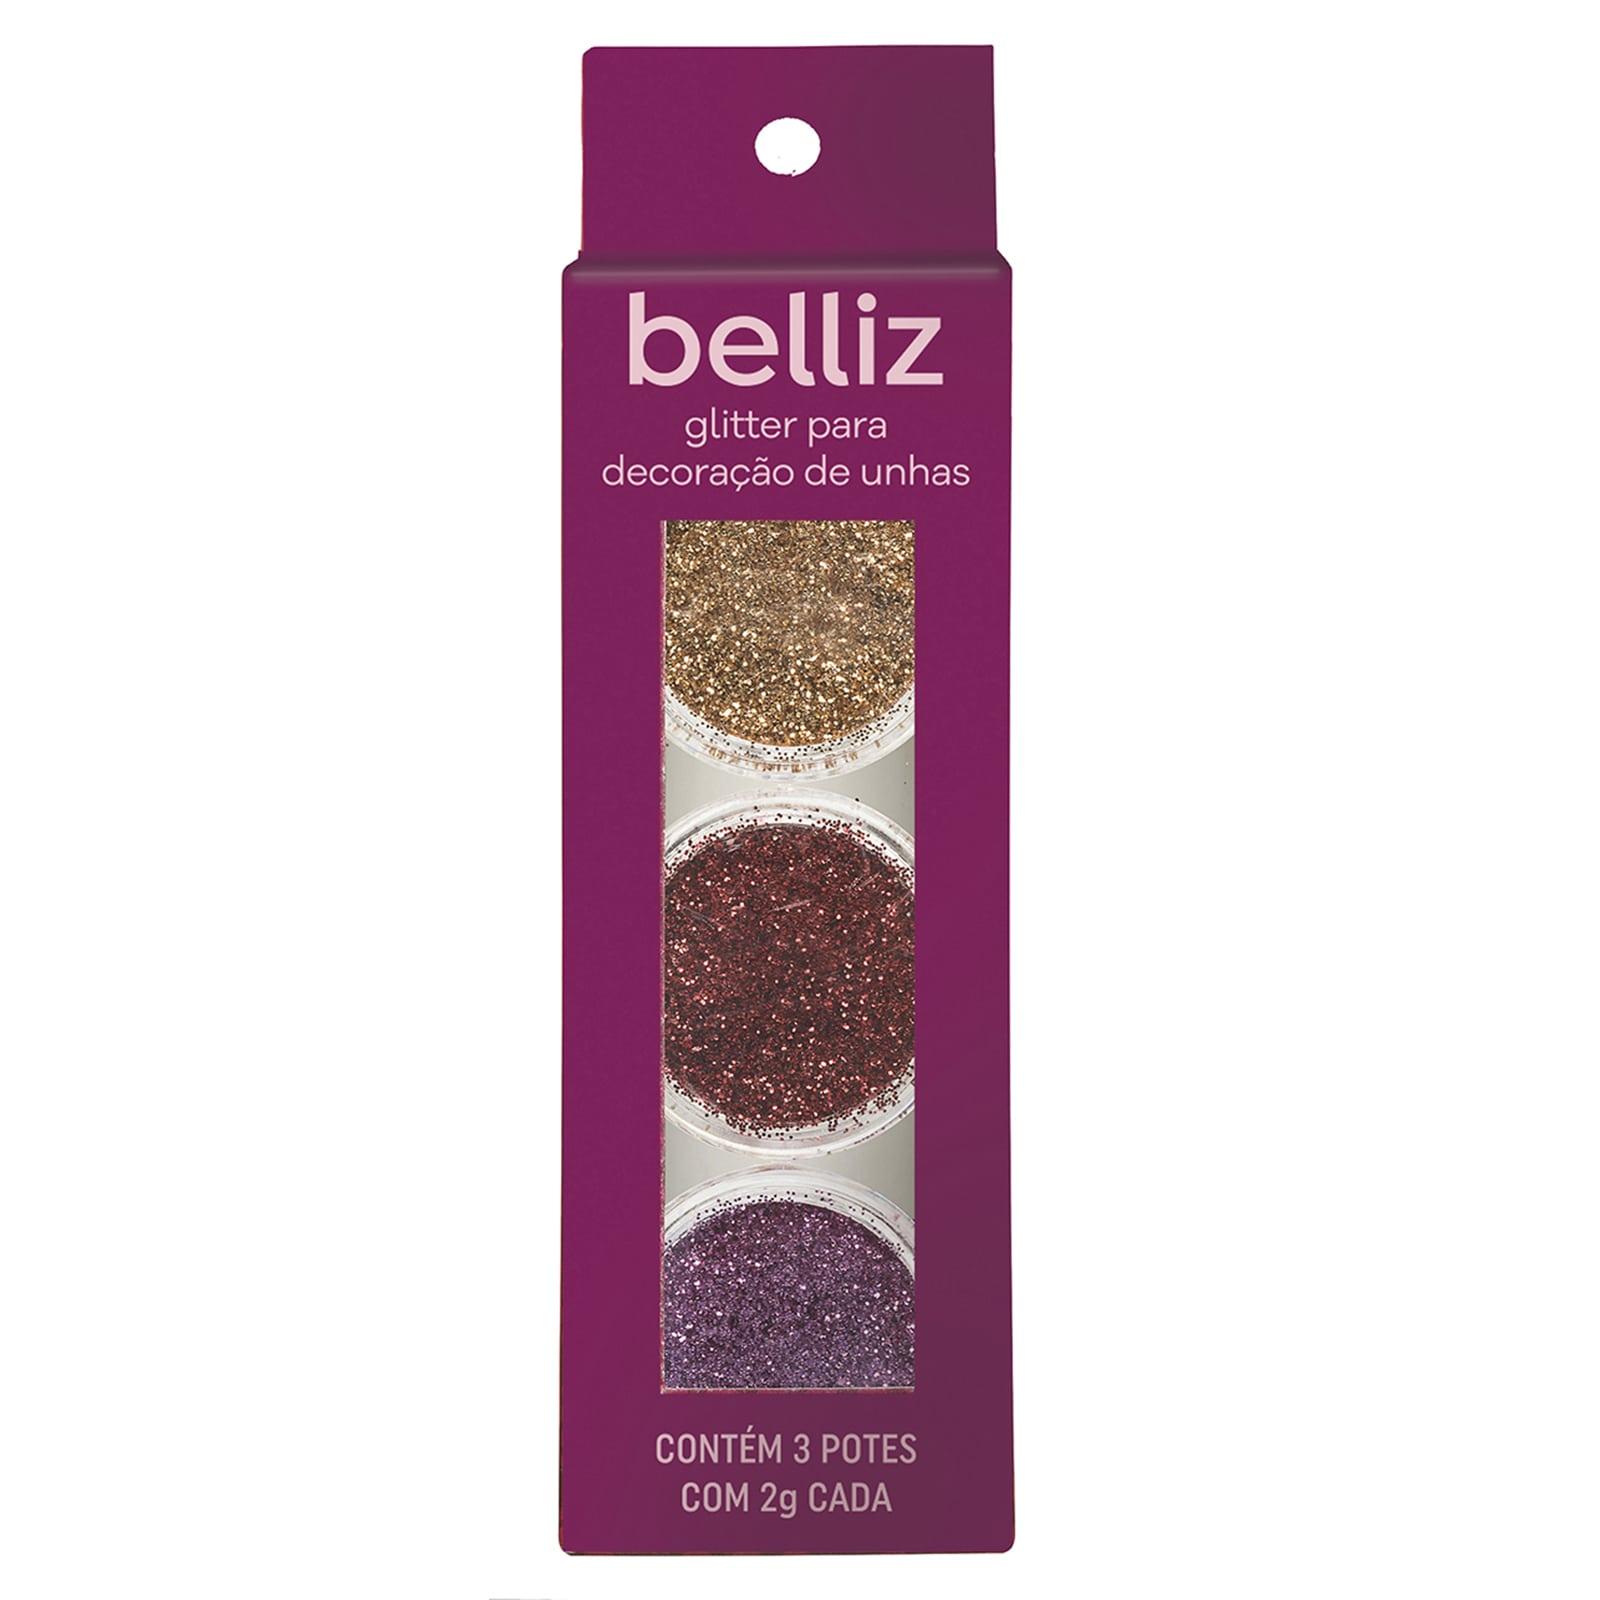 Glitter para decoração de unhas 1829 belliz